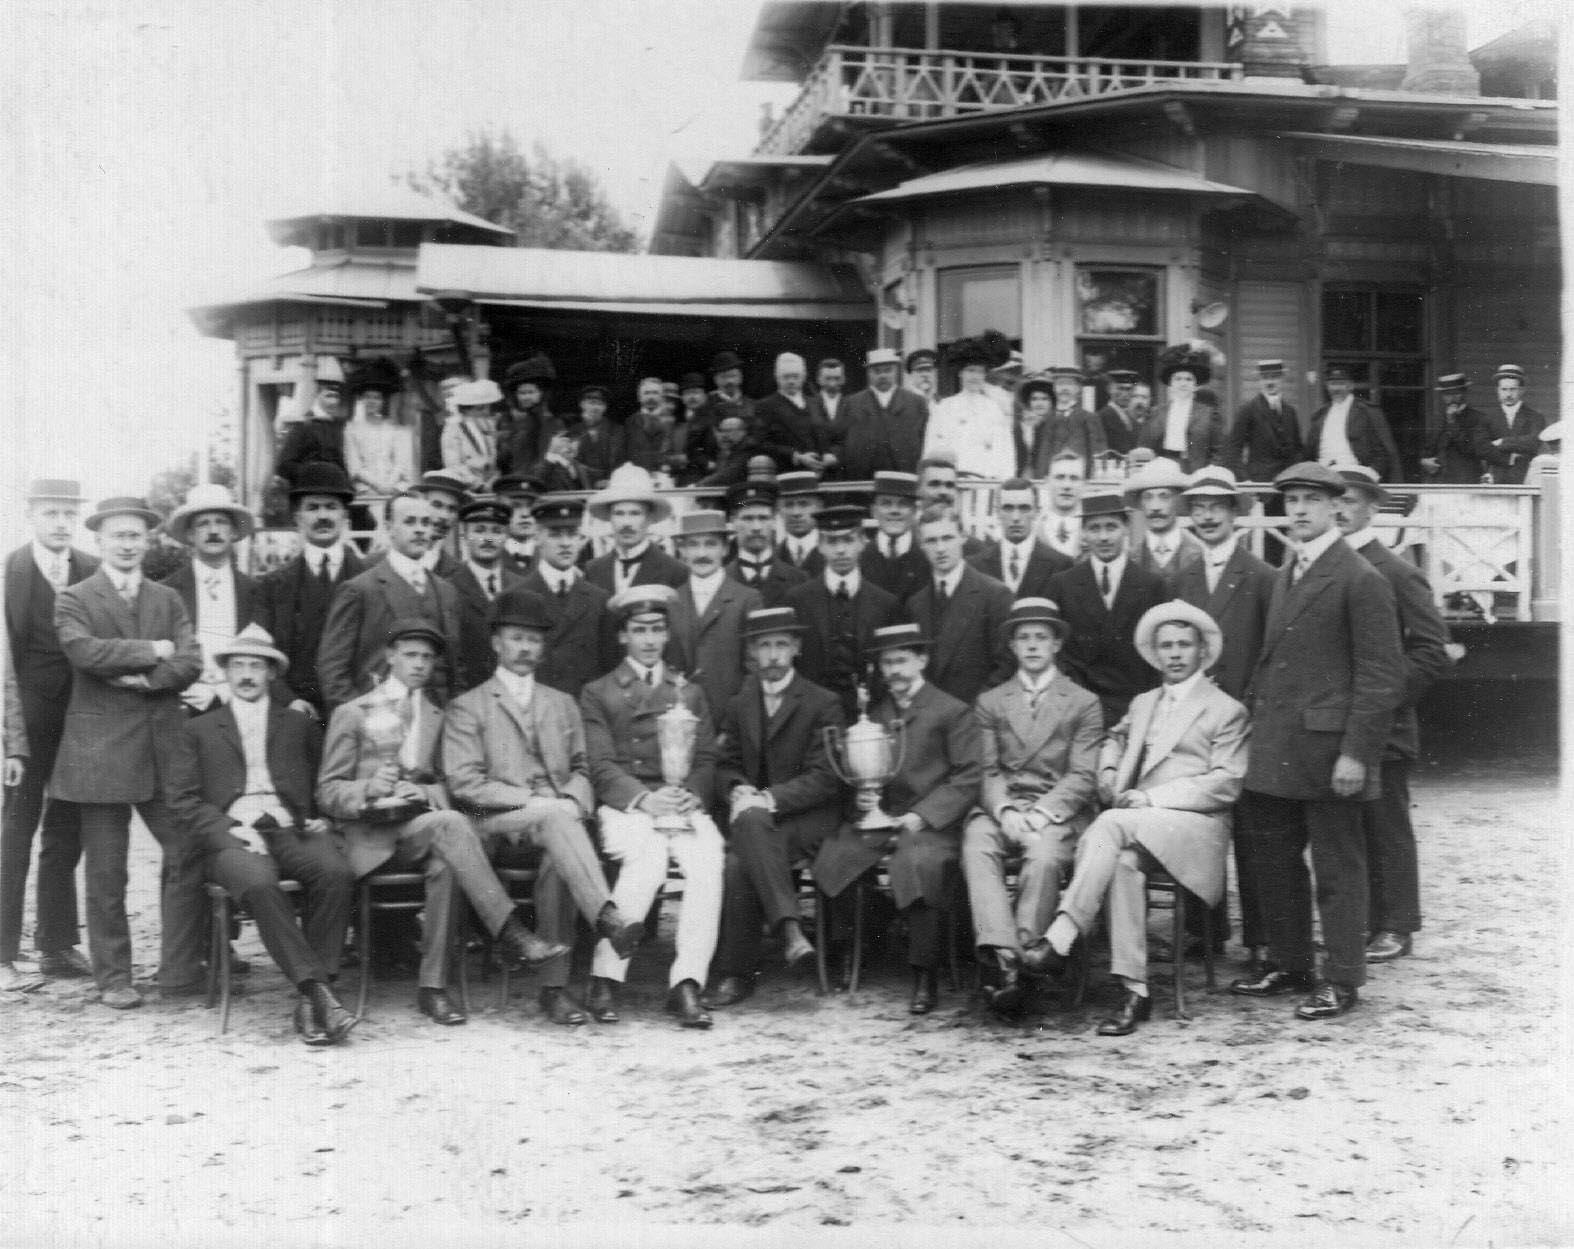 Группа членов общества с призовыми кубками; стоит 1-й справа в кепке М.Кнопмус